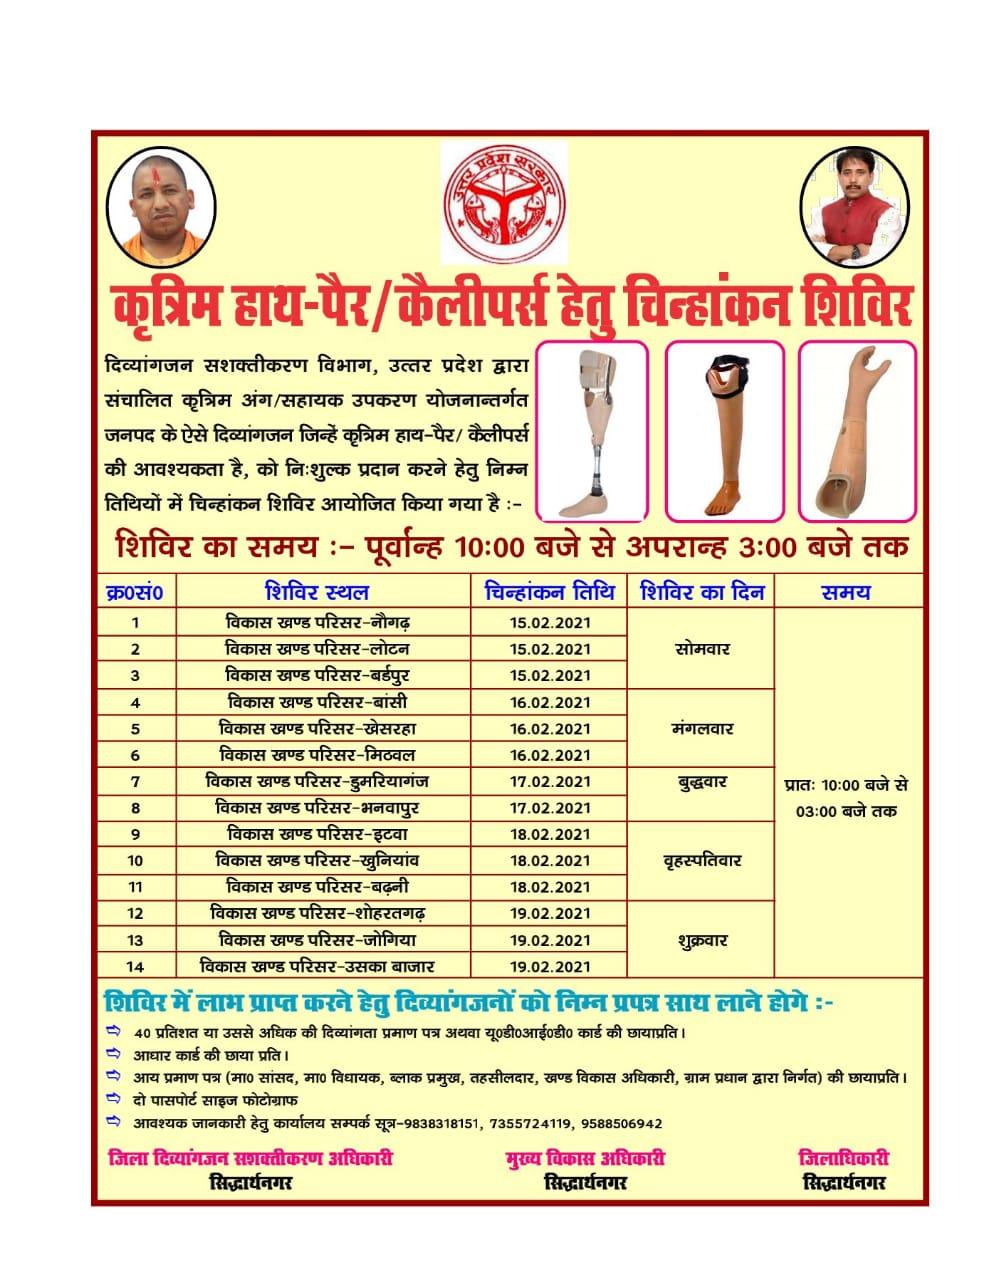 विकलांग जनों के लिए निःशुल्क कृत्रिम अंग उपलब्ध कराने हेतु आॅकलन शिविर 15 से 19 फरवरी तक आयोजित होंगे